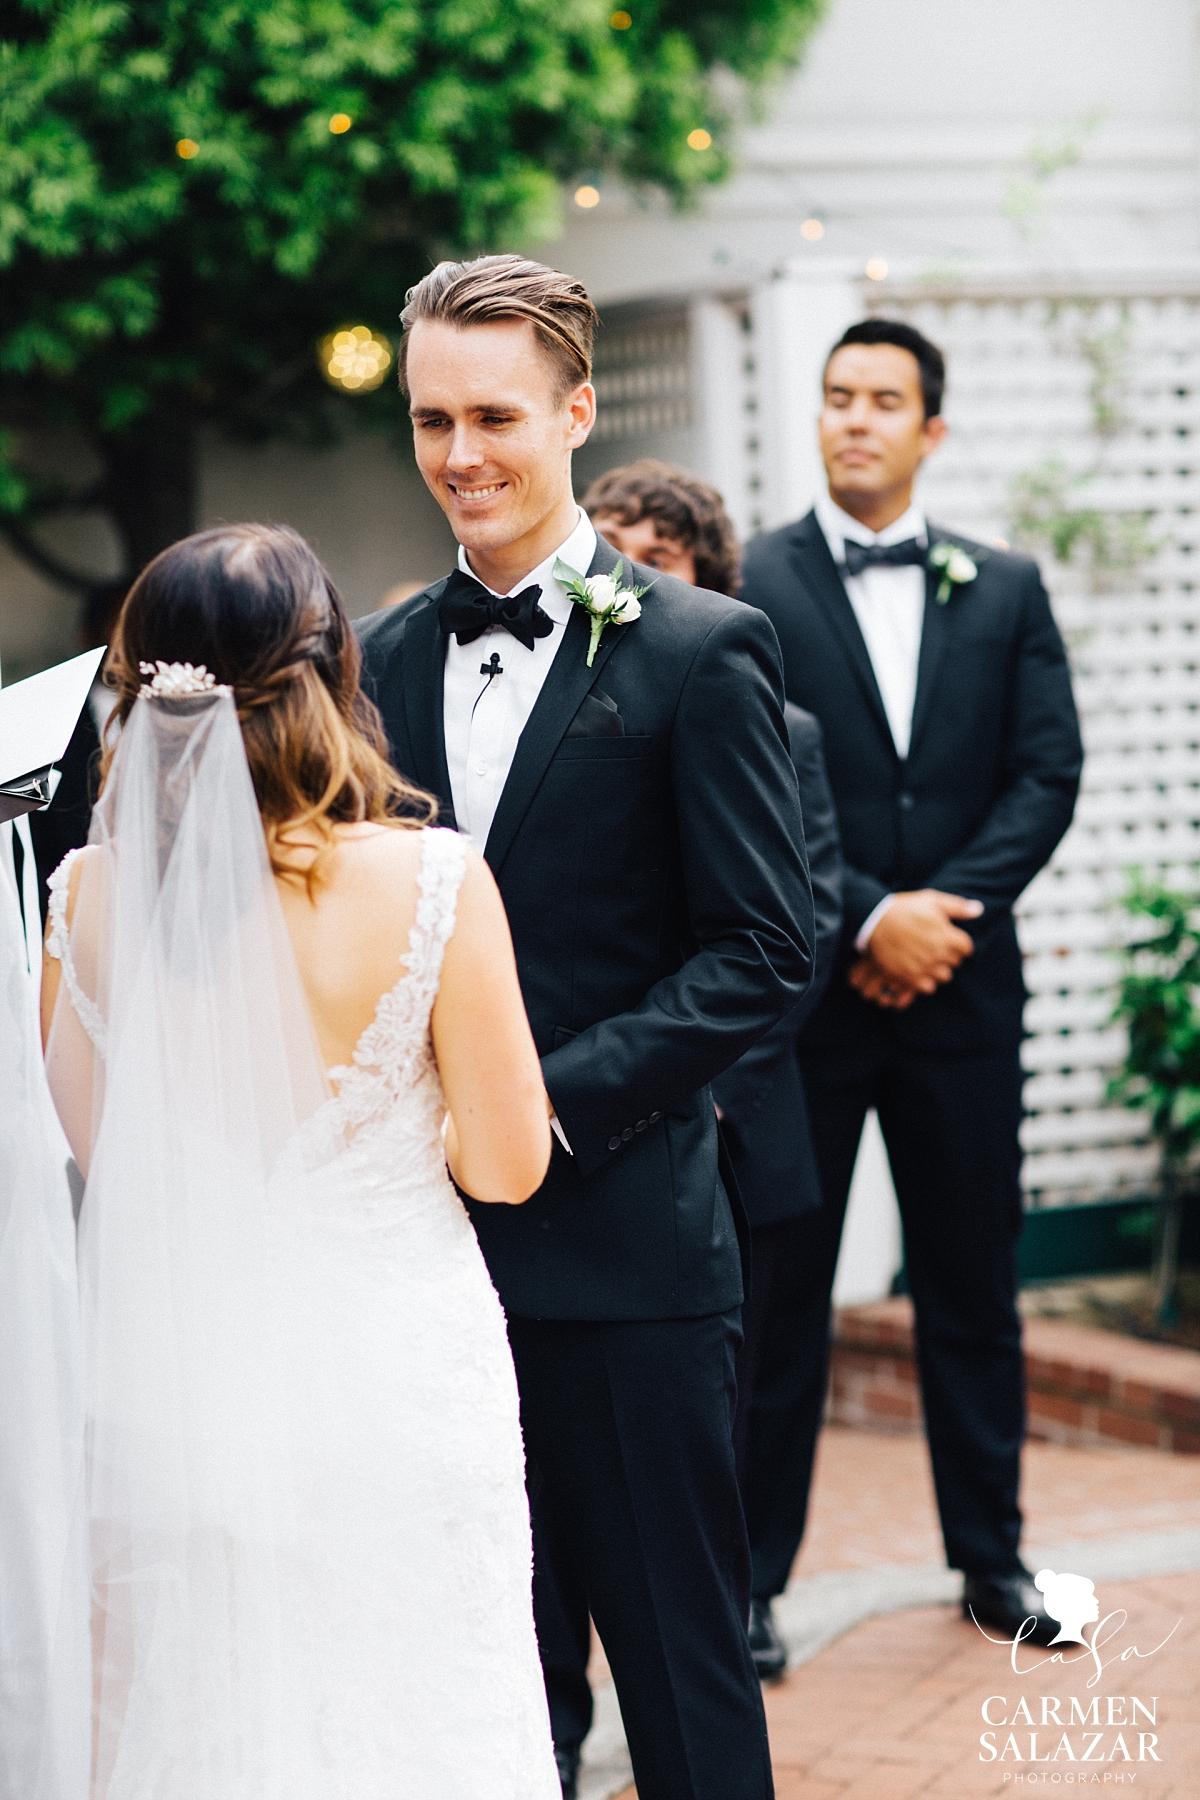 Handsome groom at ceremony - Carmen Salazar